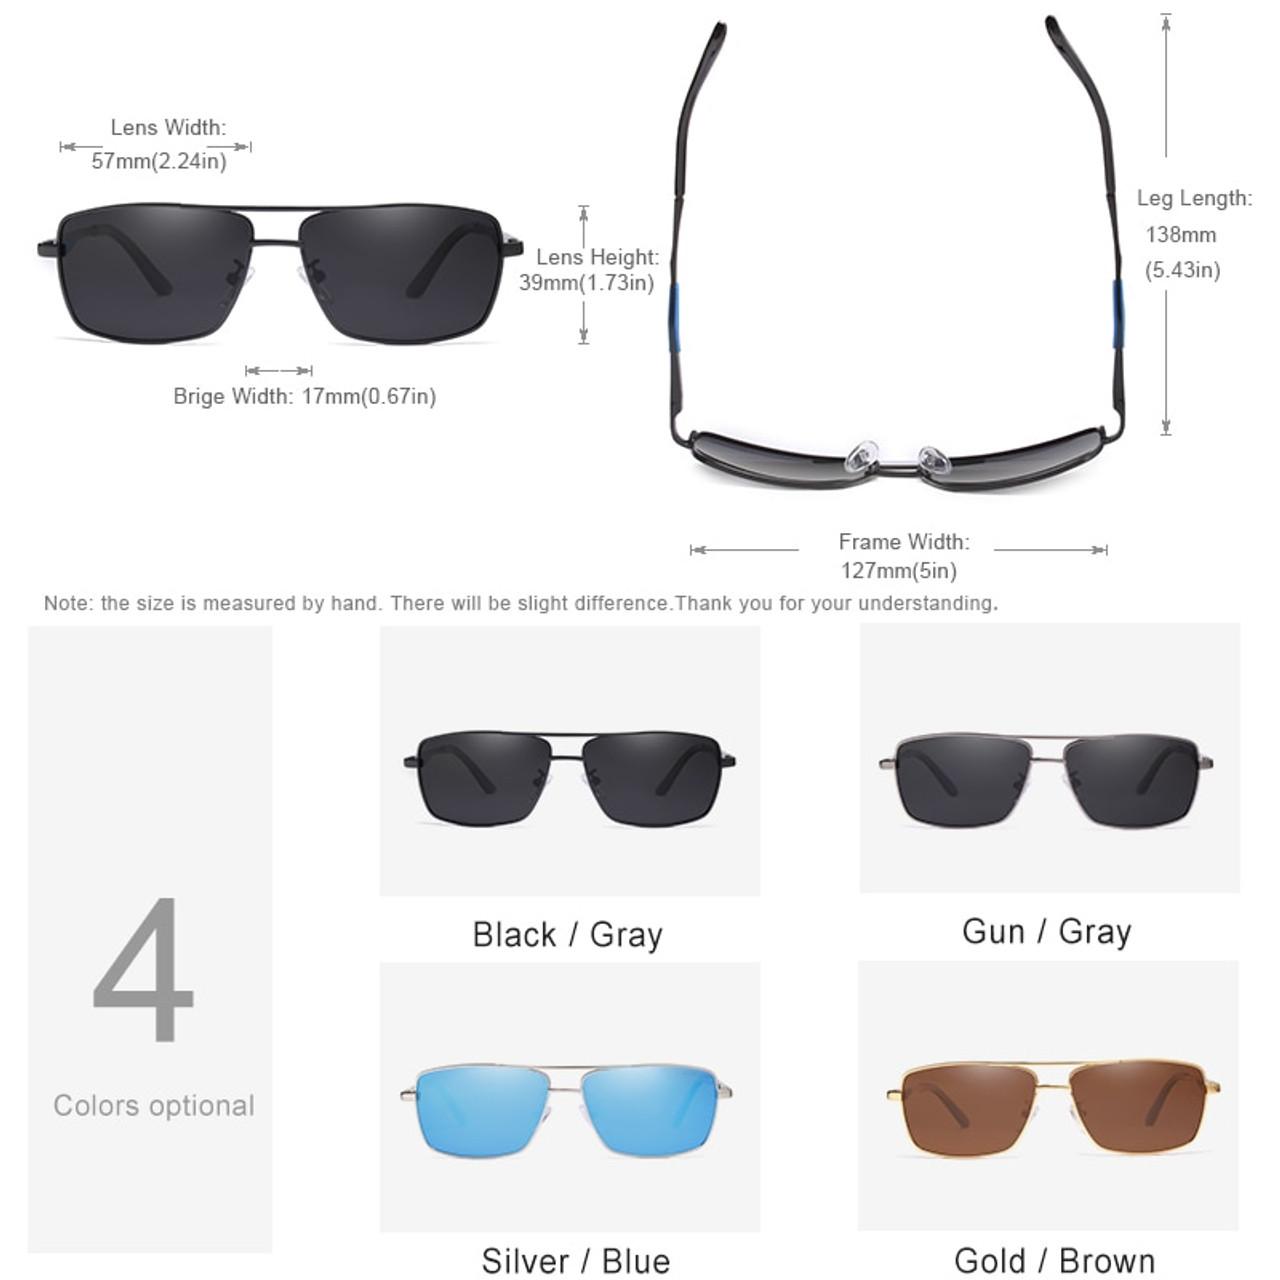 8bcef8d41c3 ... KINGSEVEN Brand Classic Square Plastic Polarized Men Sunglasses Men s  Sun Glasses Driving Fishing Aluminum Eyewear ...